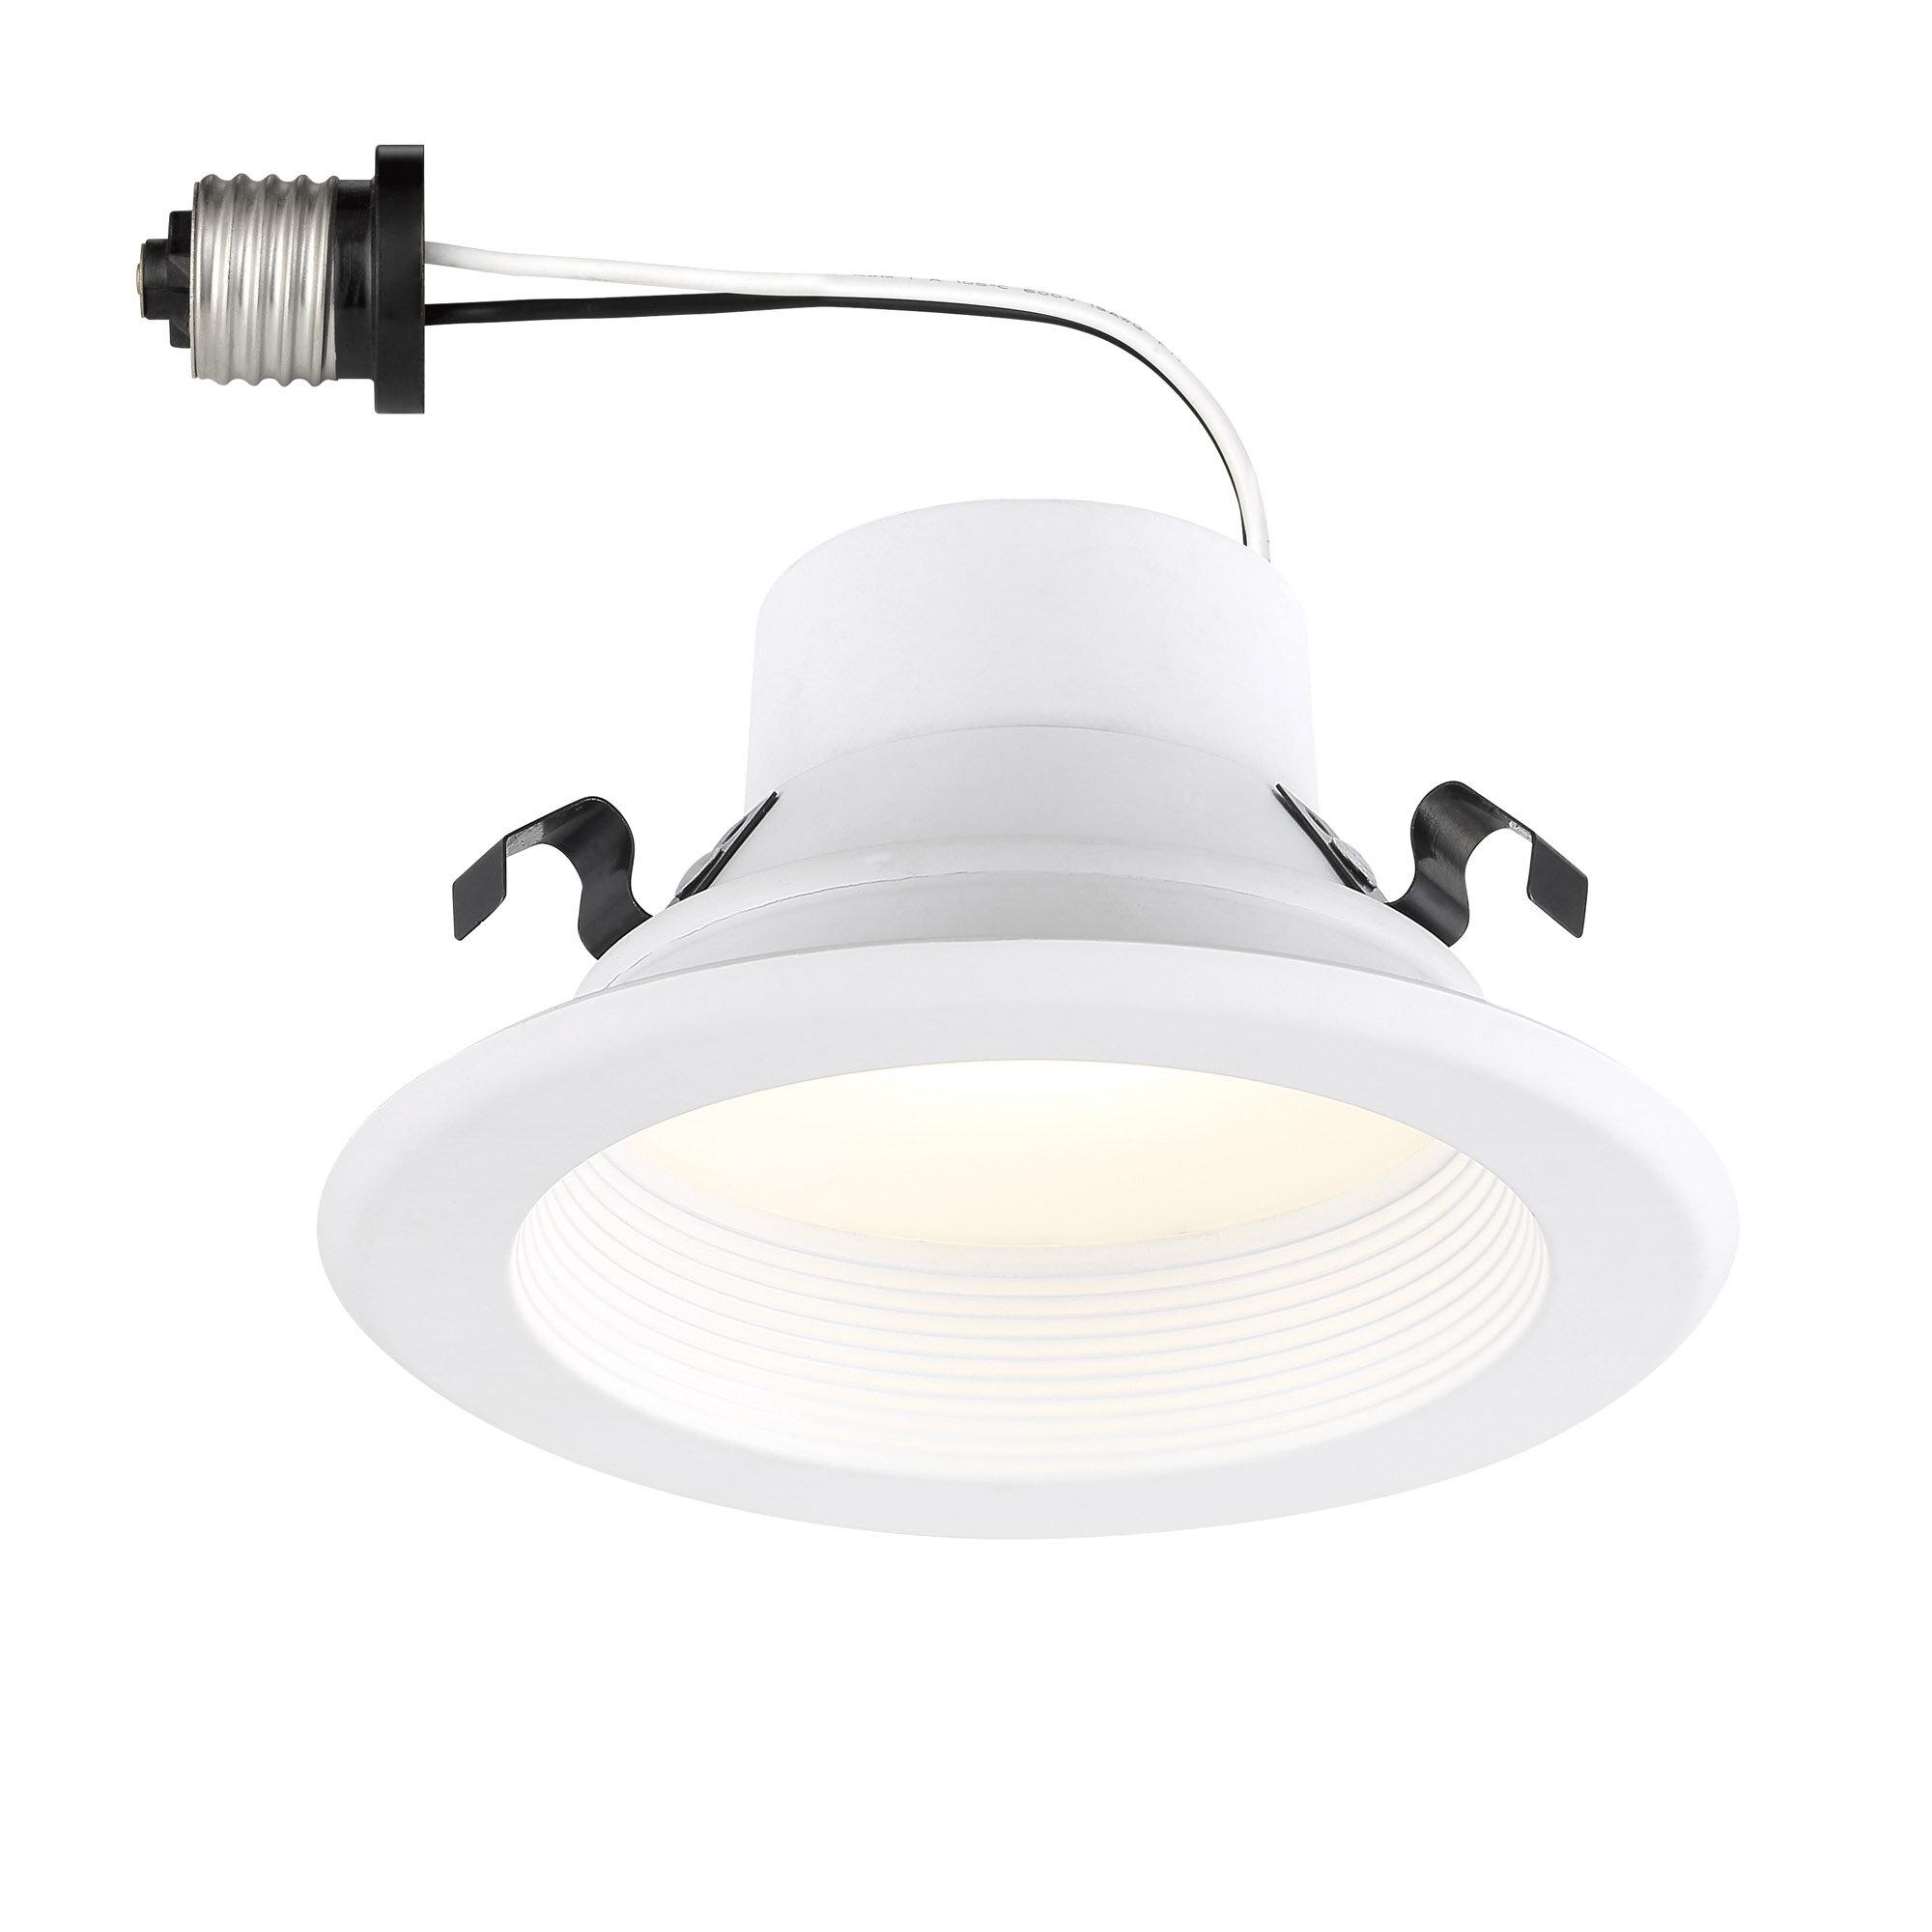 Designers Fountain 4 Remodel Led Retrofit Recessed Lighting Kit Wayfair